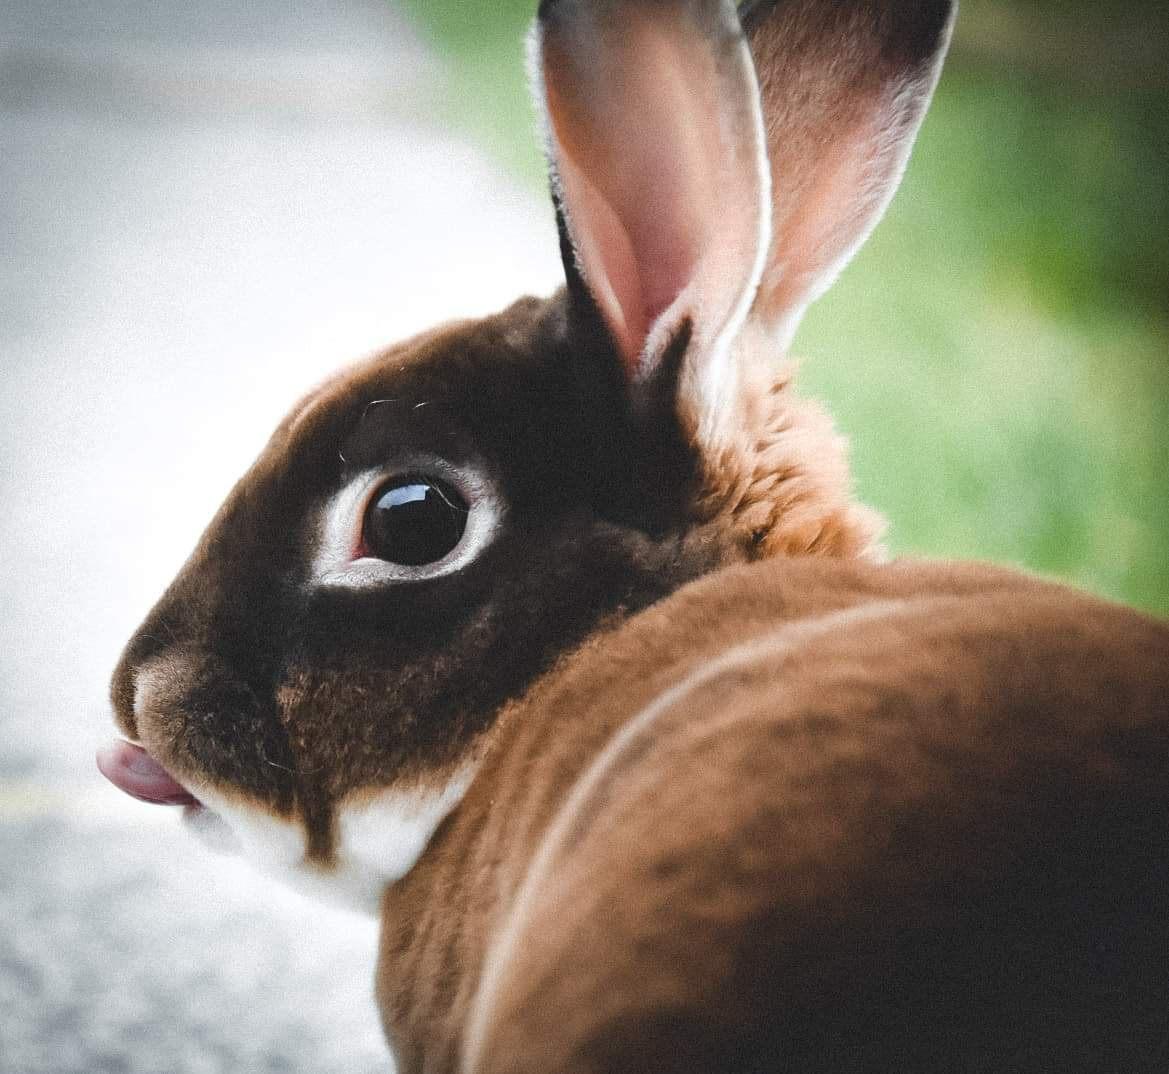 Portrety dziecięce i królik. Kursy fotografii online. Wyróżnione zdjęcia. 350 Kursy i 342 AFO